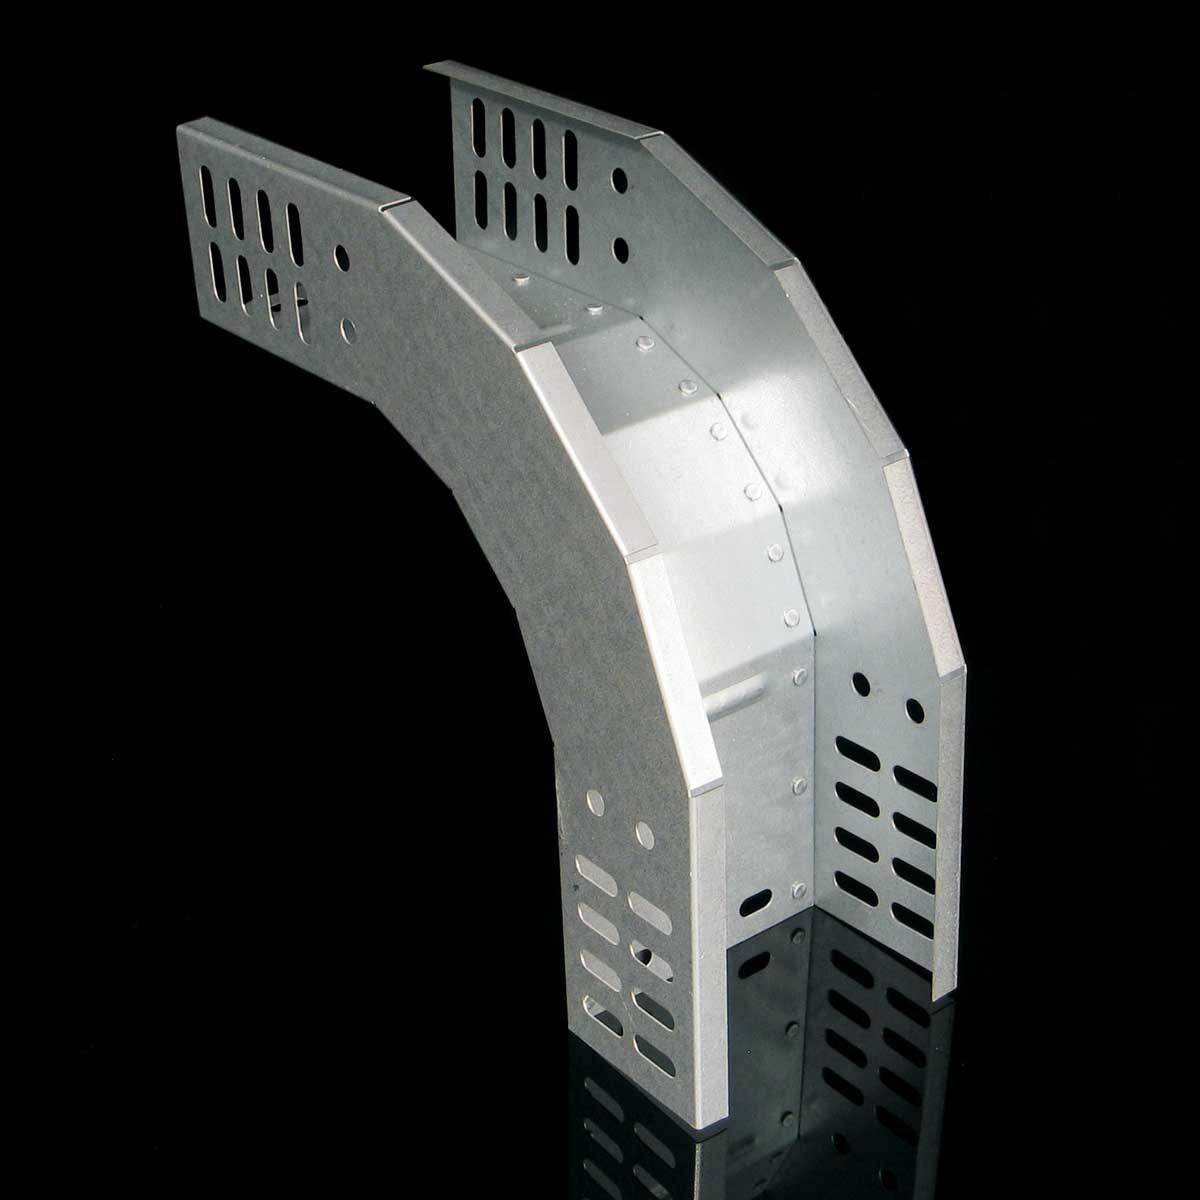 Поворот вертикальний зовнішній 90 для лотка JUPITER; розміри-60x100x245mm Товщ. метал-0,8 Вага-0,57кг/м